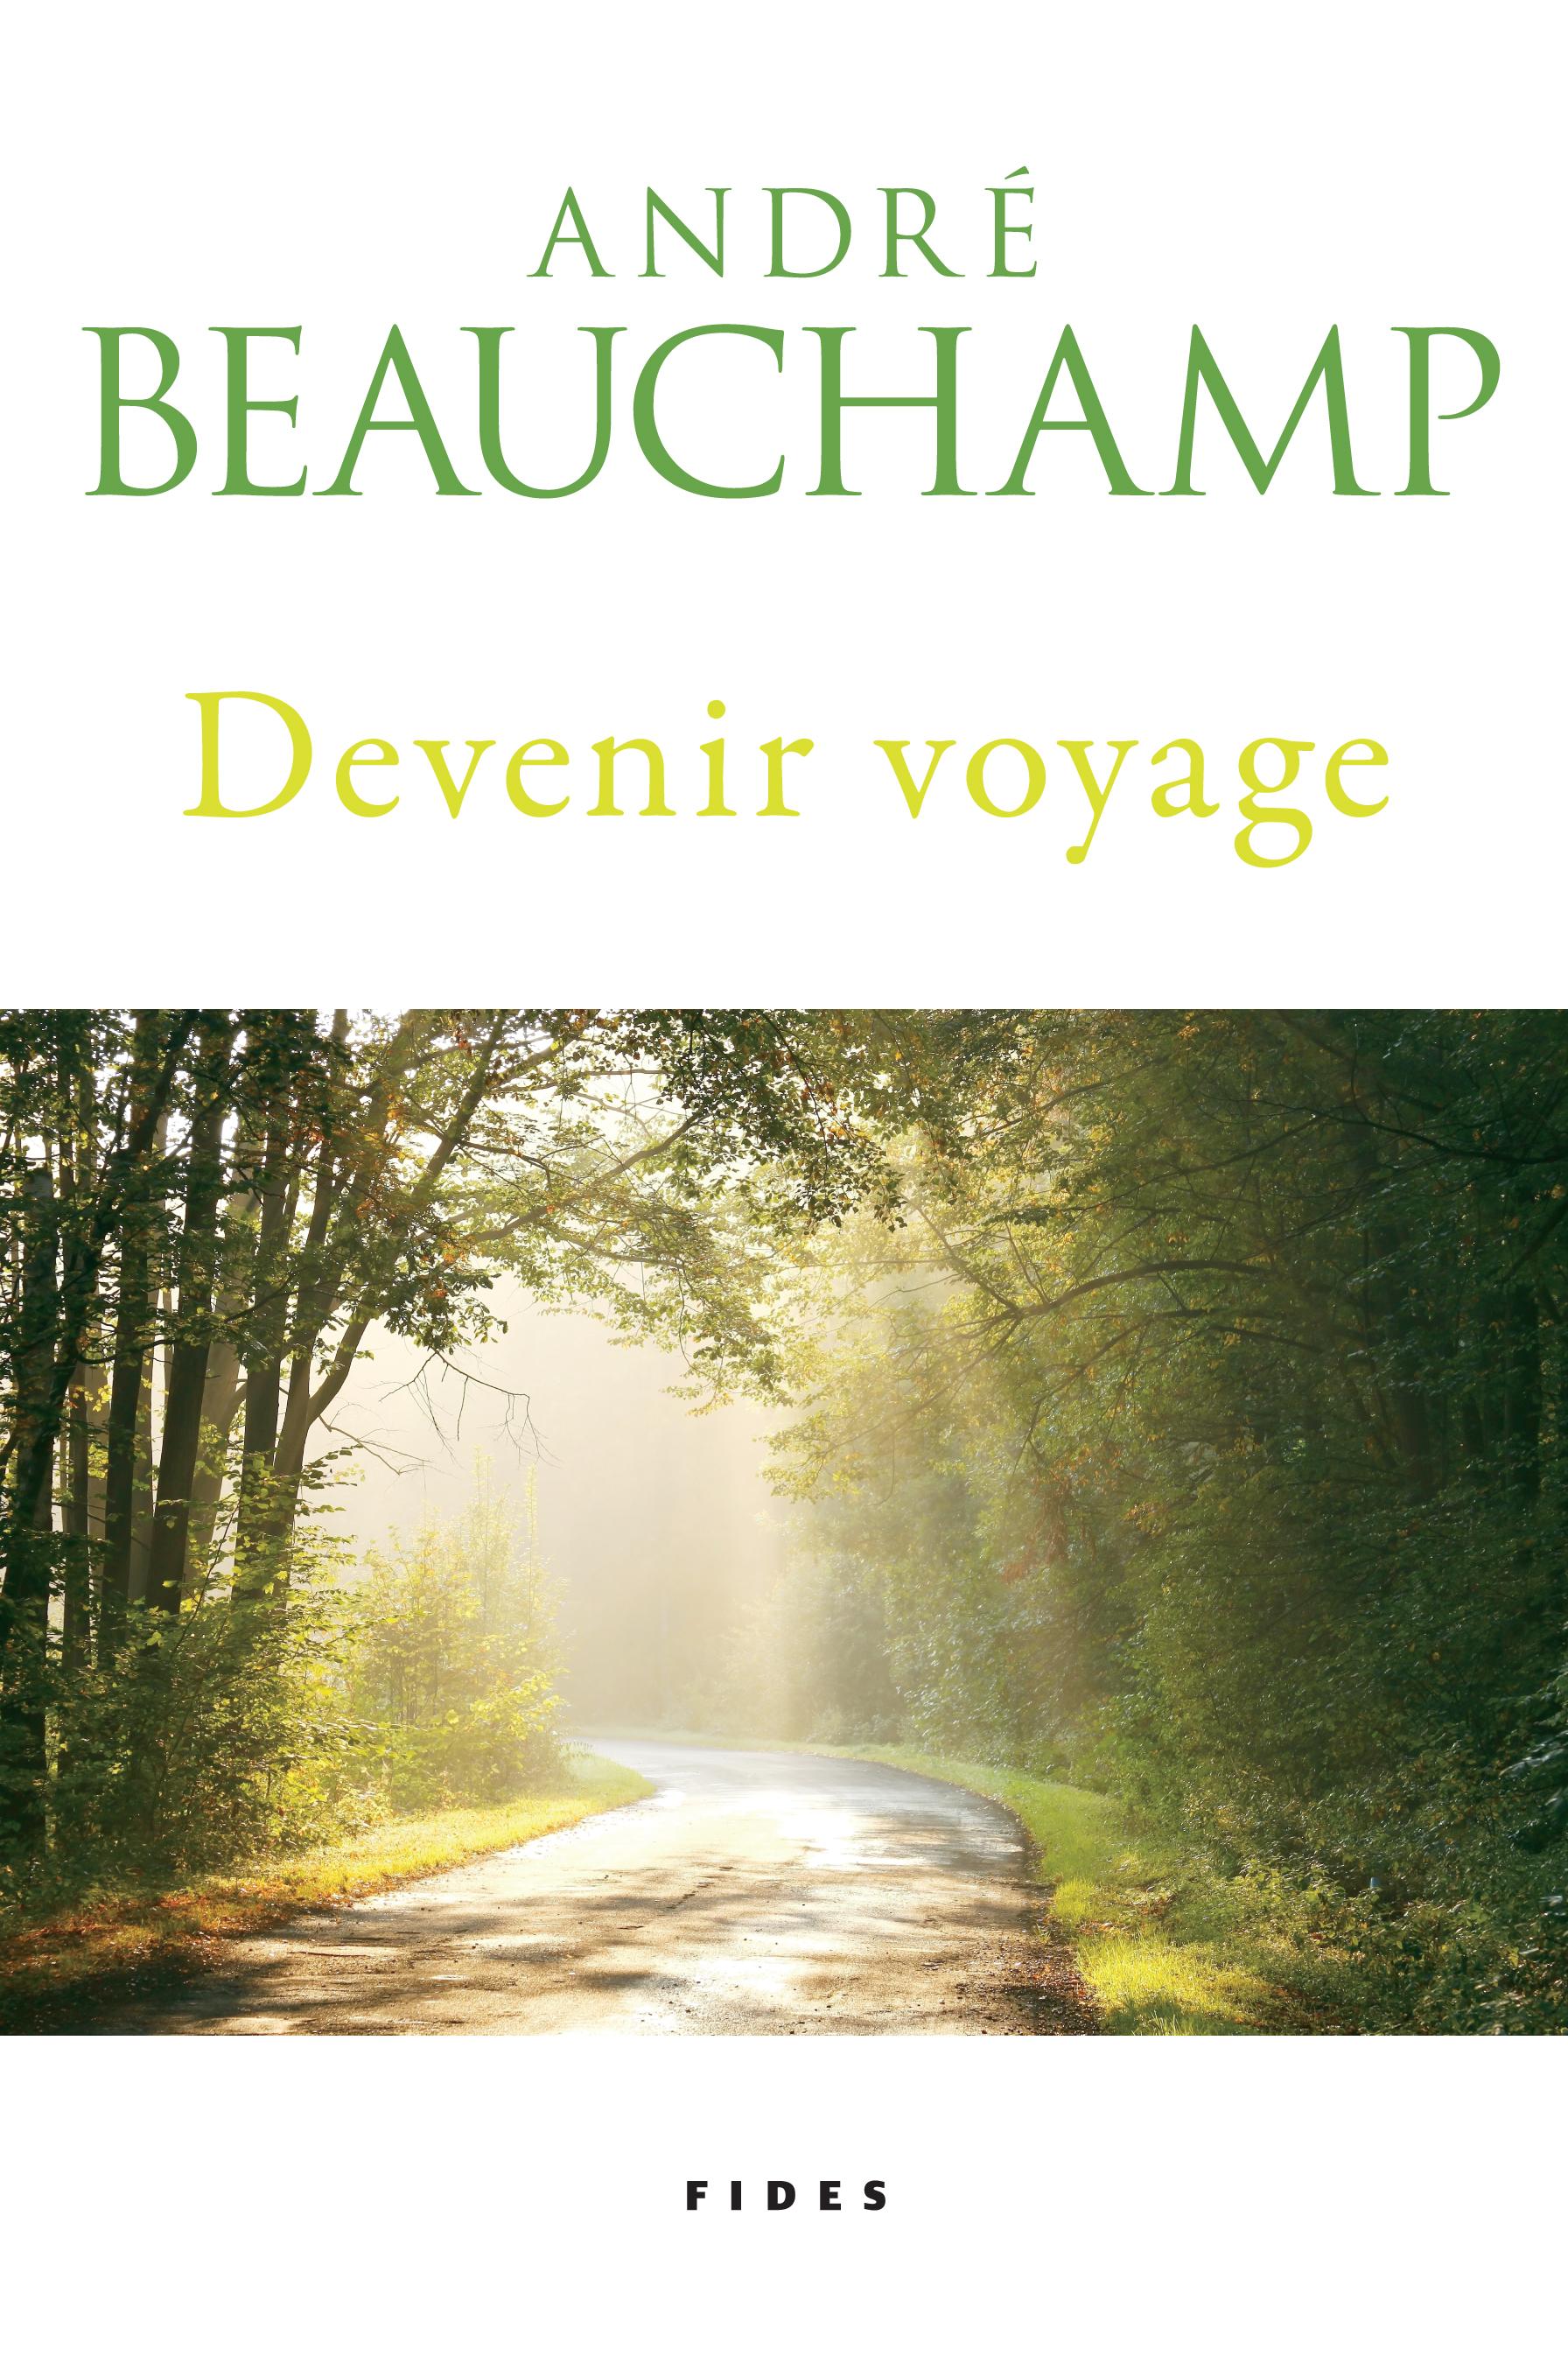 Devenir voyage